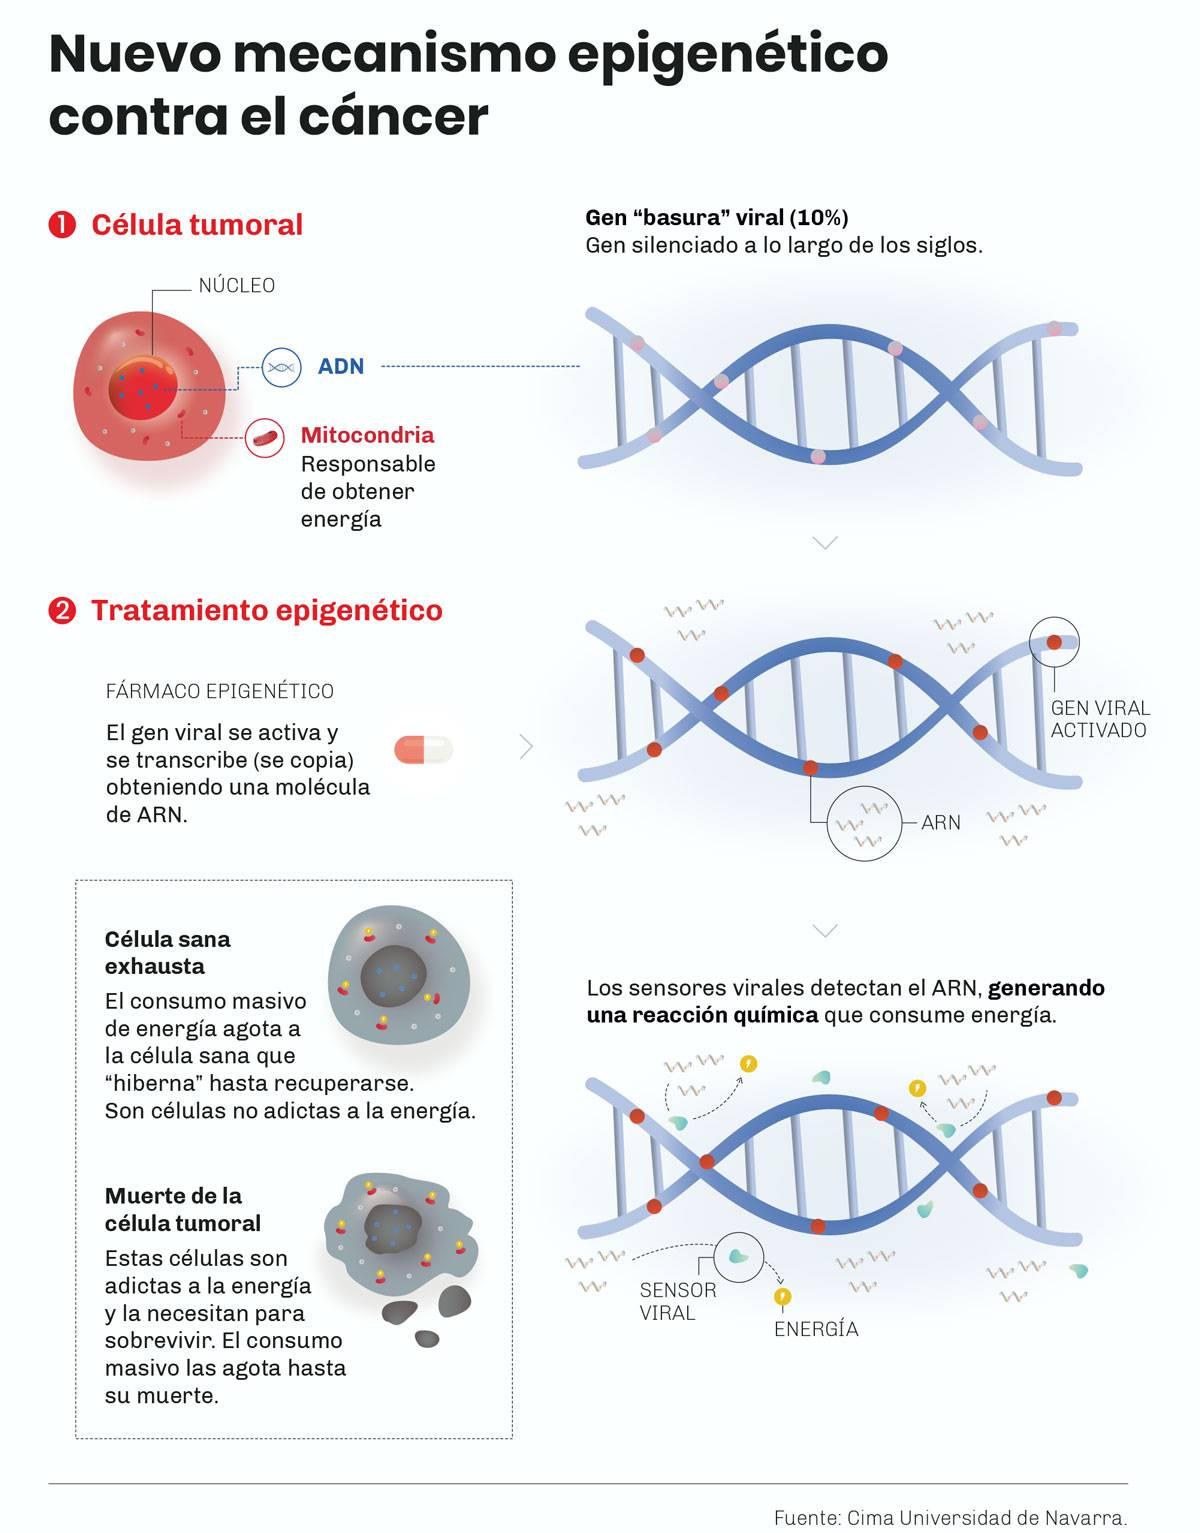 Infografía que explica la inducción de muerte celular en varios cánceres con una terapia epigenética que provoca una respuesta antiviral. Cima Universidad de Navarra